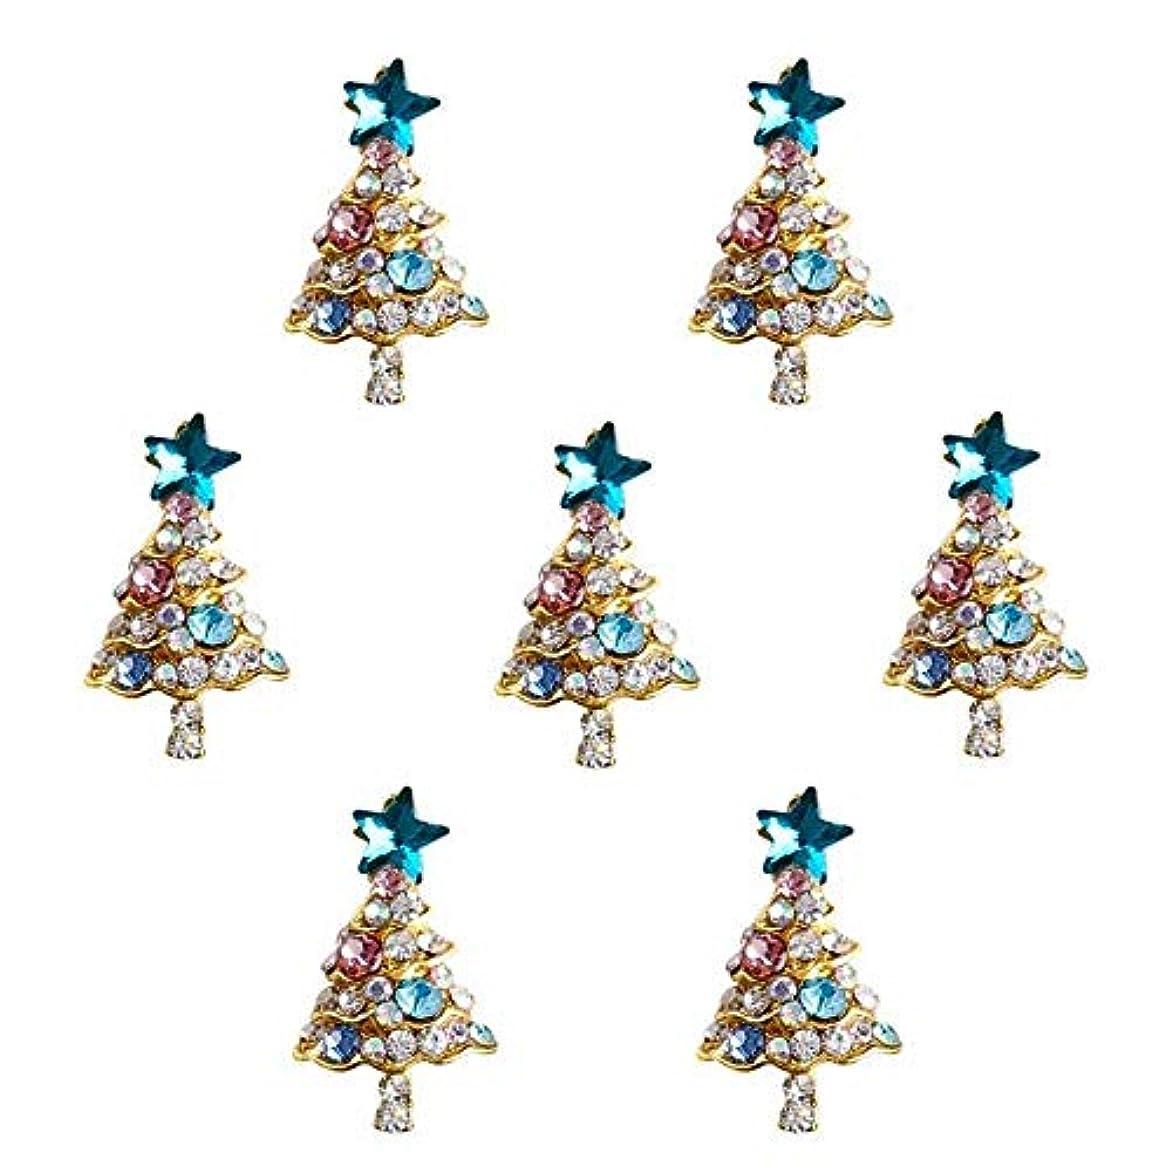 オーラル円形説教する10個入り/ロット3Dラインストーンの装飾ブルーグリッタースタークリスマスツリーのデザイン接着剤ネイルアートDIYスタッドは、合金用品